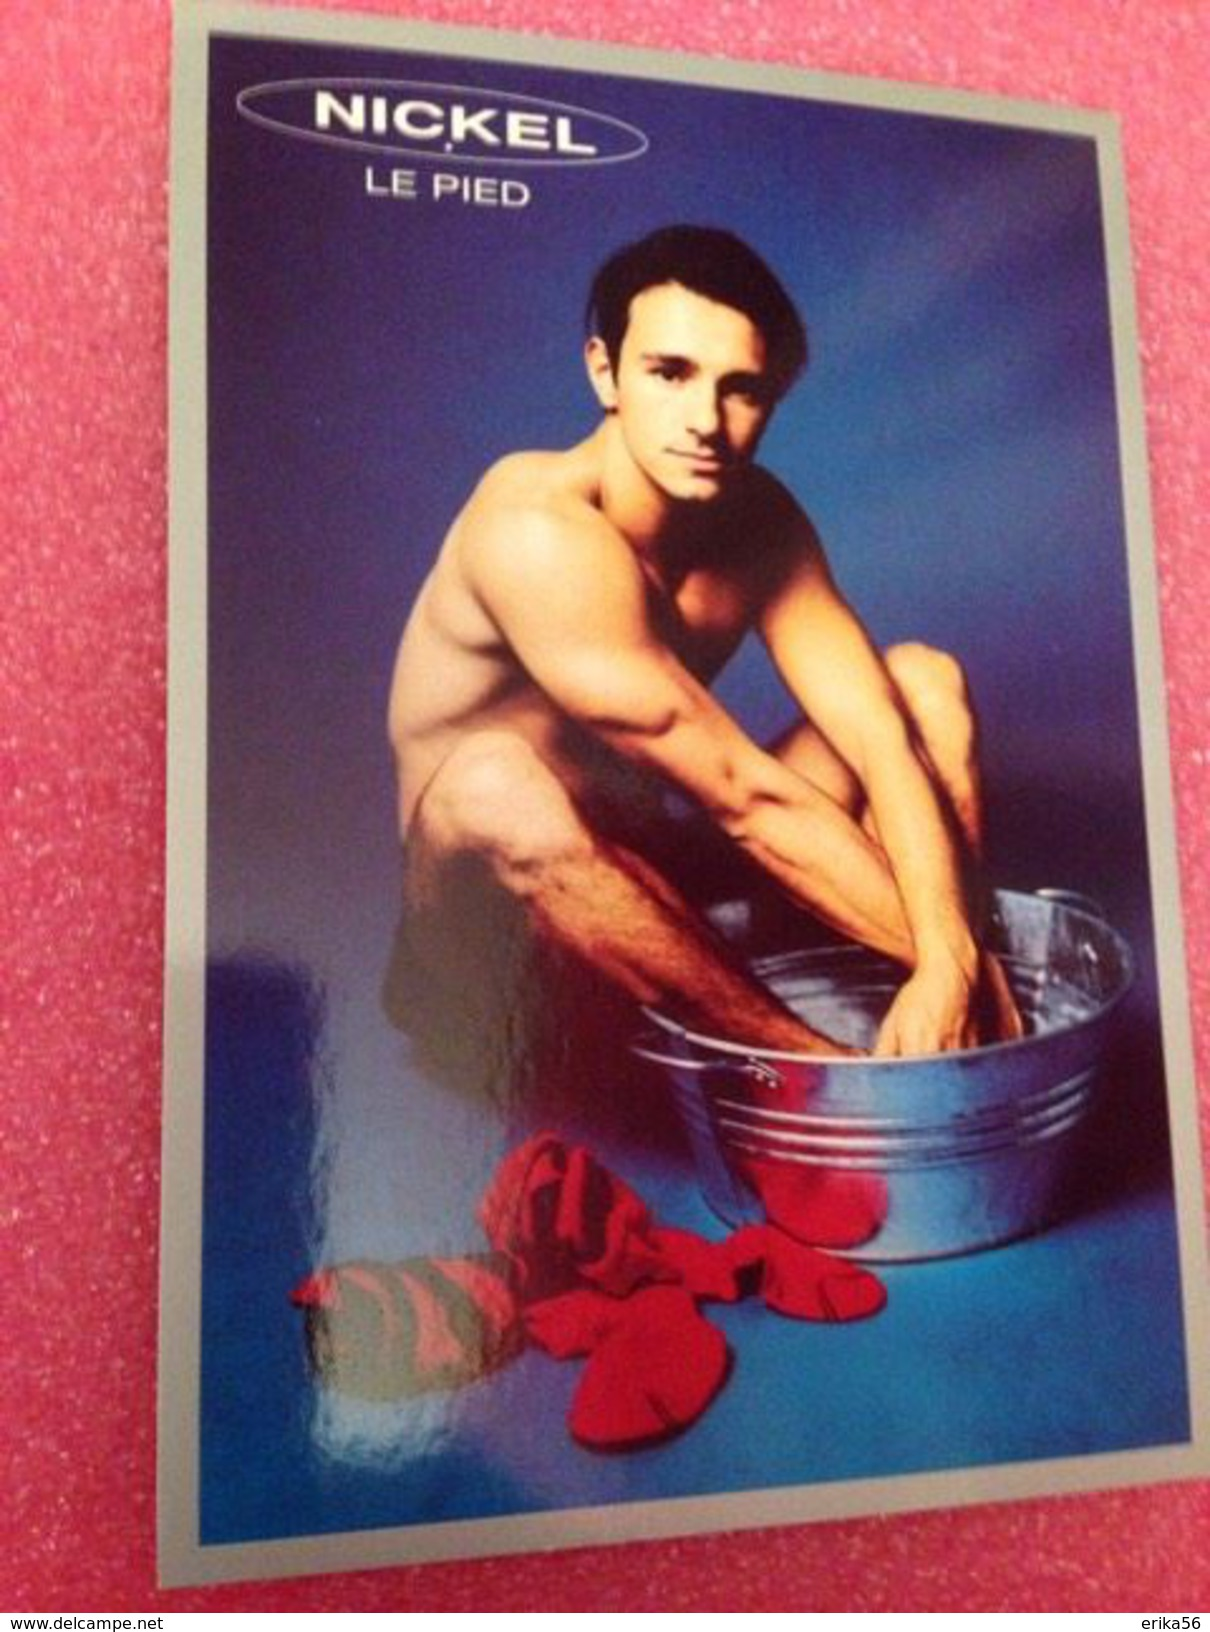 NICKEL  Le Pied - Perfume Cards